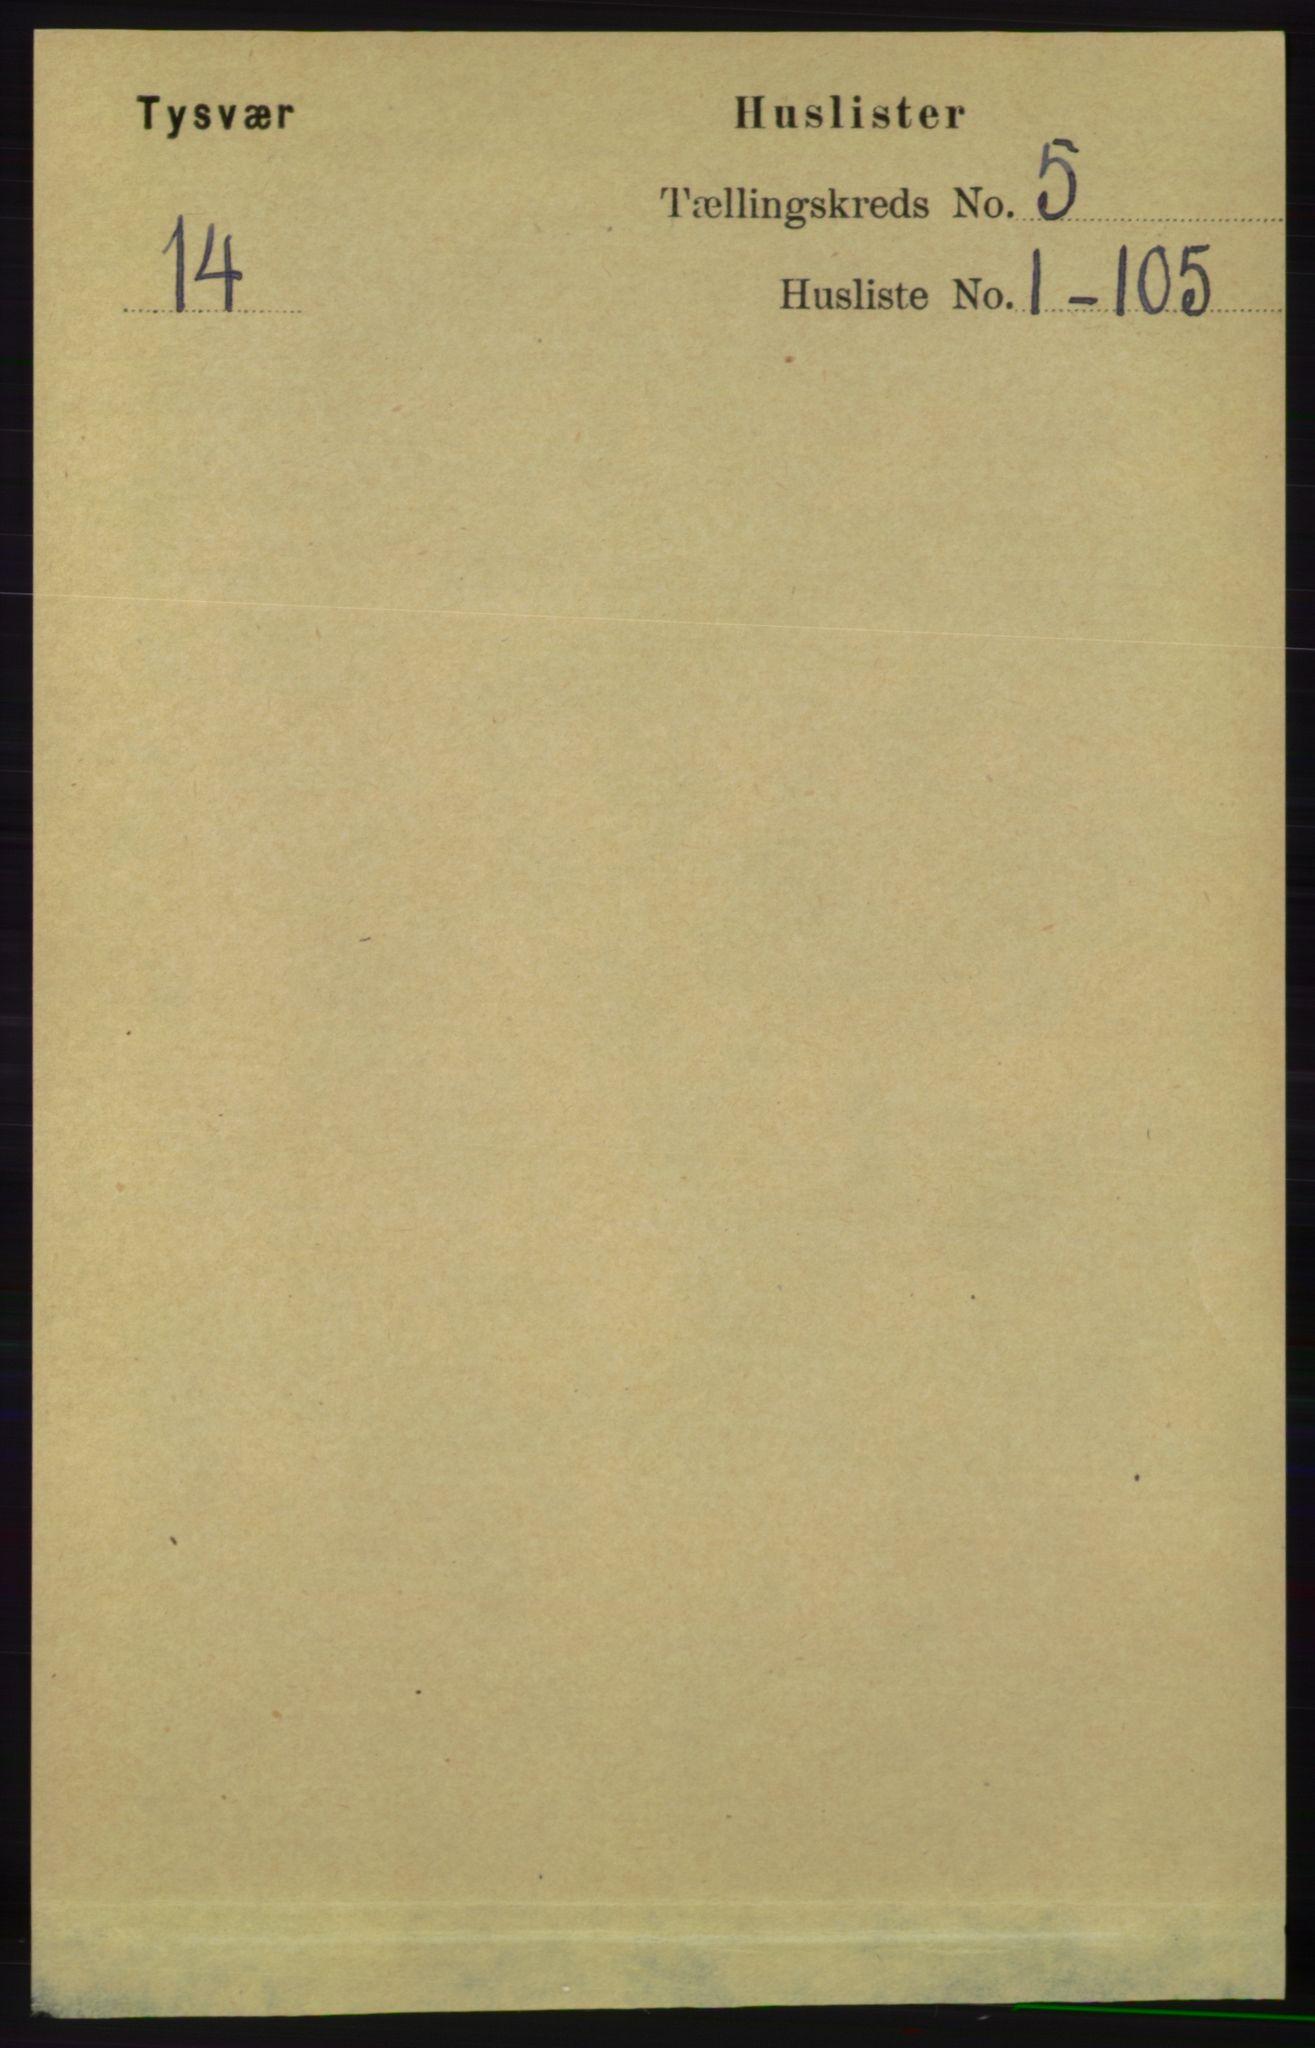 RA, Folketelling 1891 for 1146 Tysvær herred, 1891, s. 1786